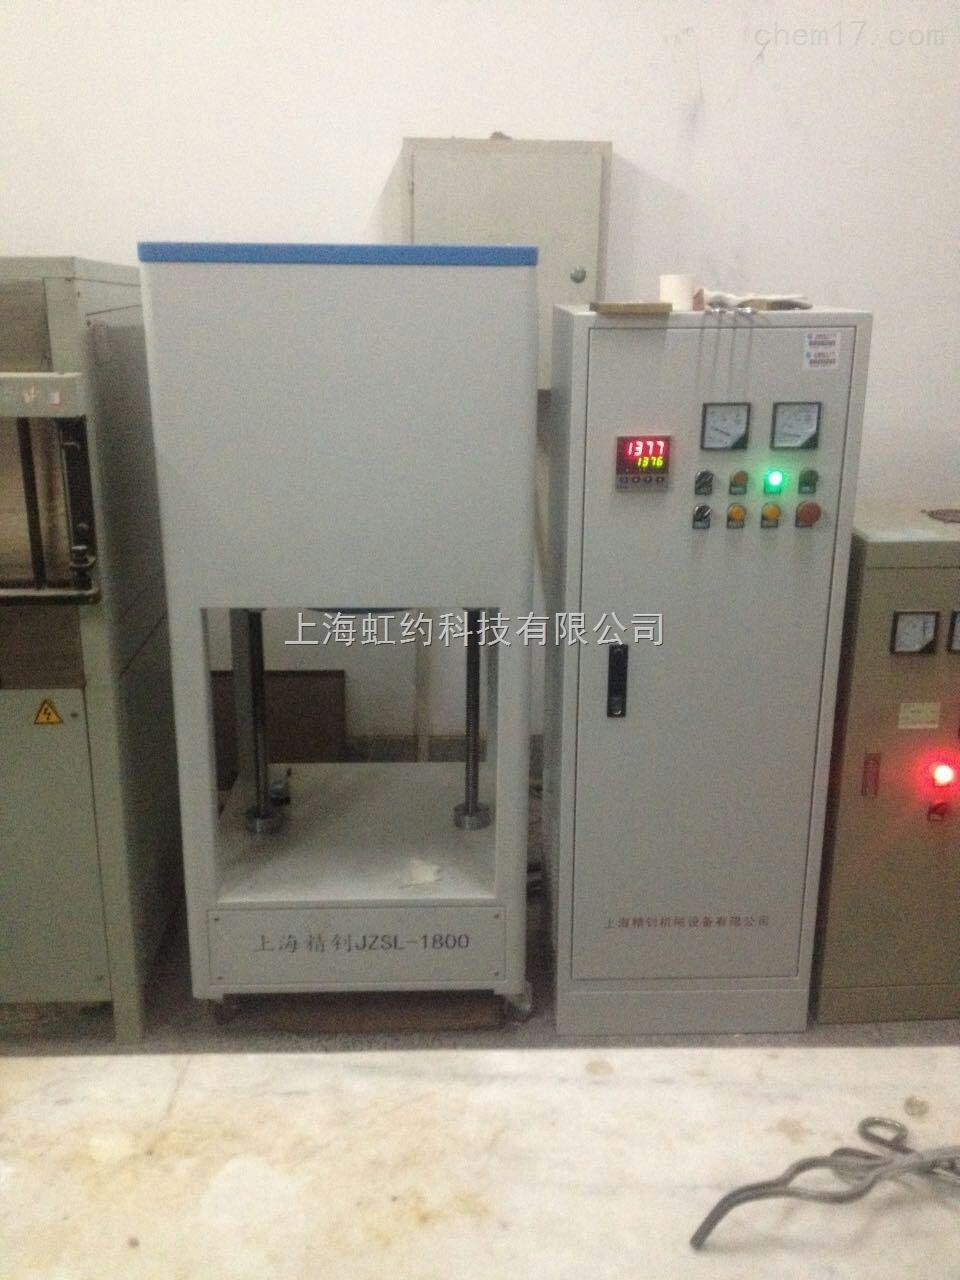 升降炉HYSJ1400升温快能耗低保温好产品使用寿命长